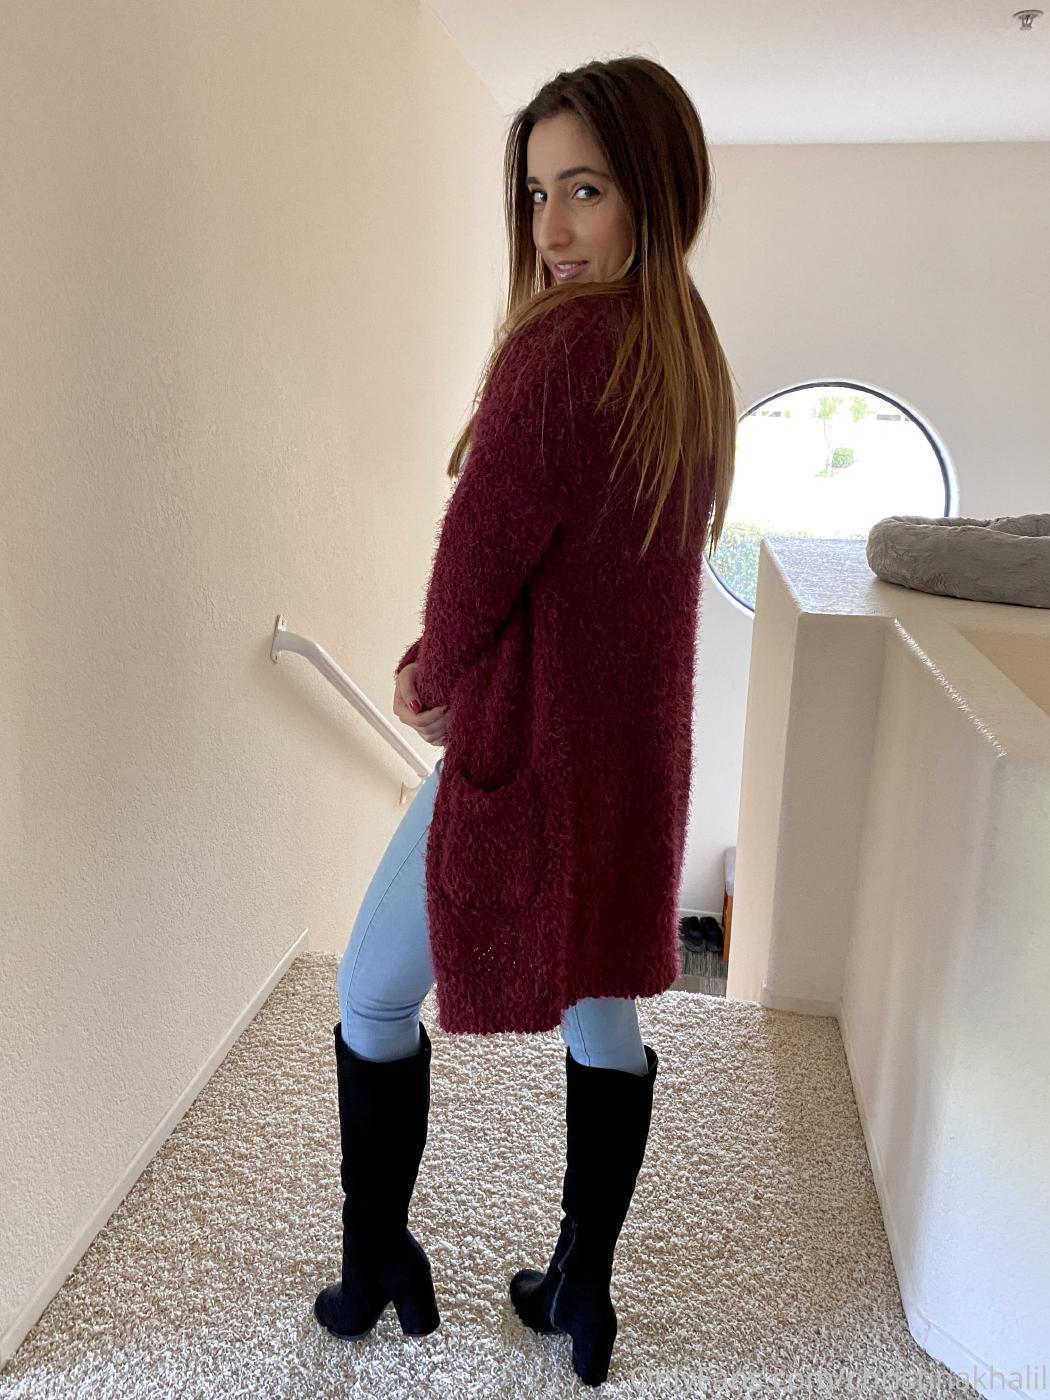 Christina Khalil Onlyfans Picture Set Leaked 0003